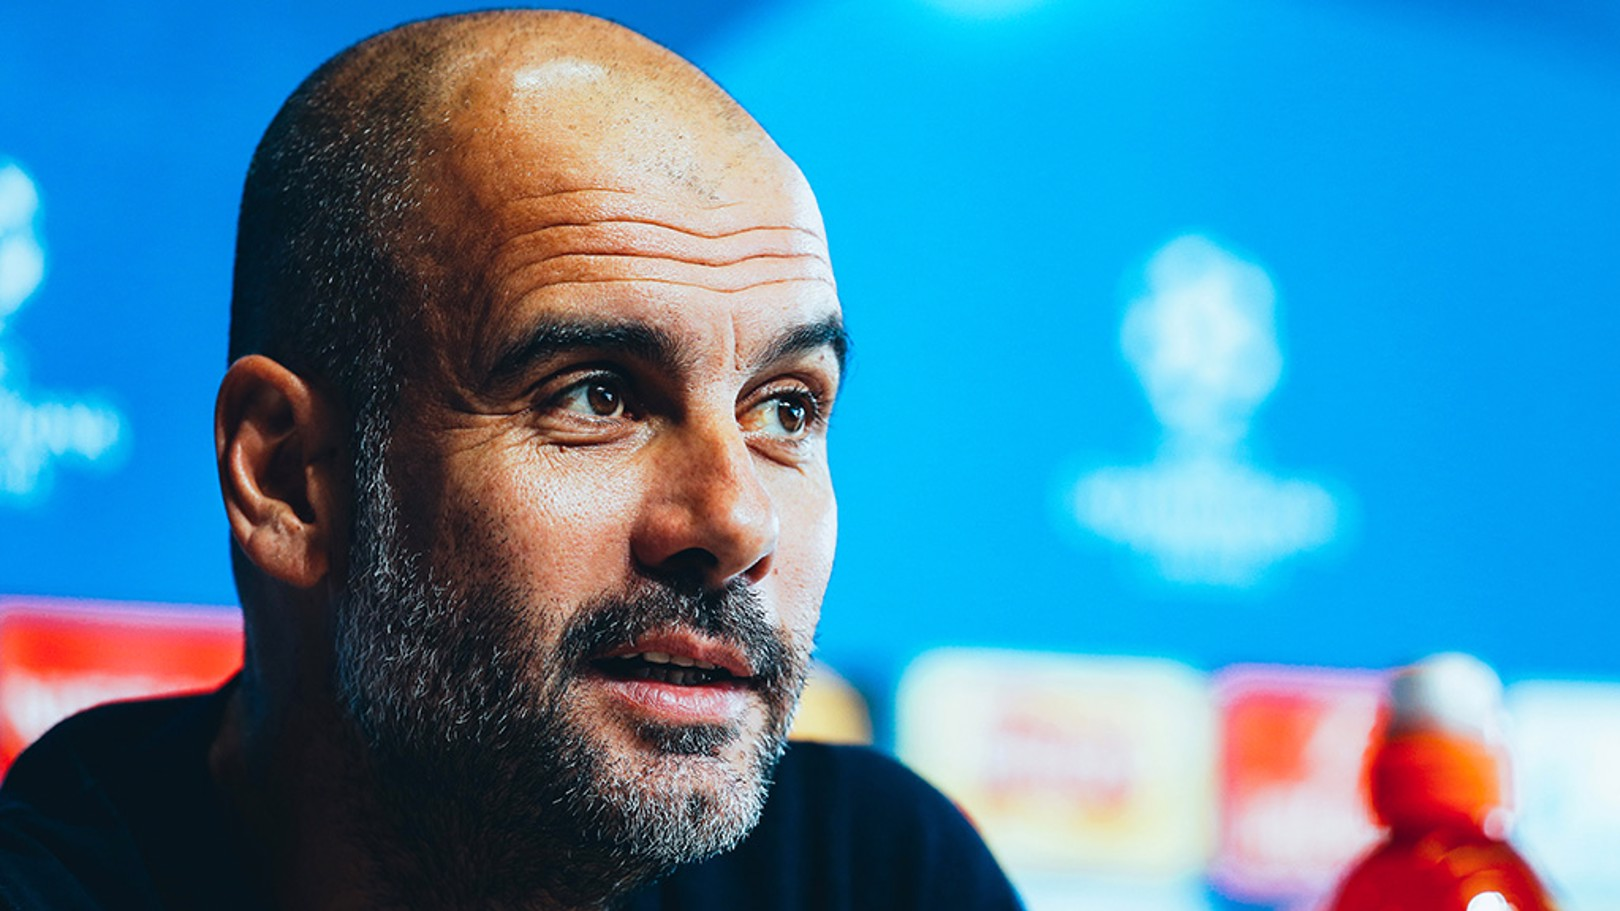 بيب جوارديولا يرى أن مانشستر سيتي عليه تقديم أداء مثالي من أجل تخطي ليفربول مساء الثلاثاء.